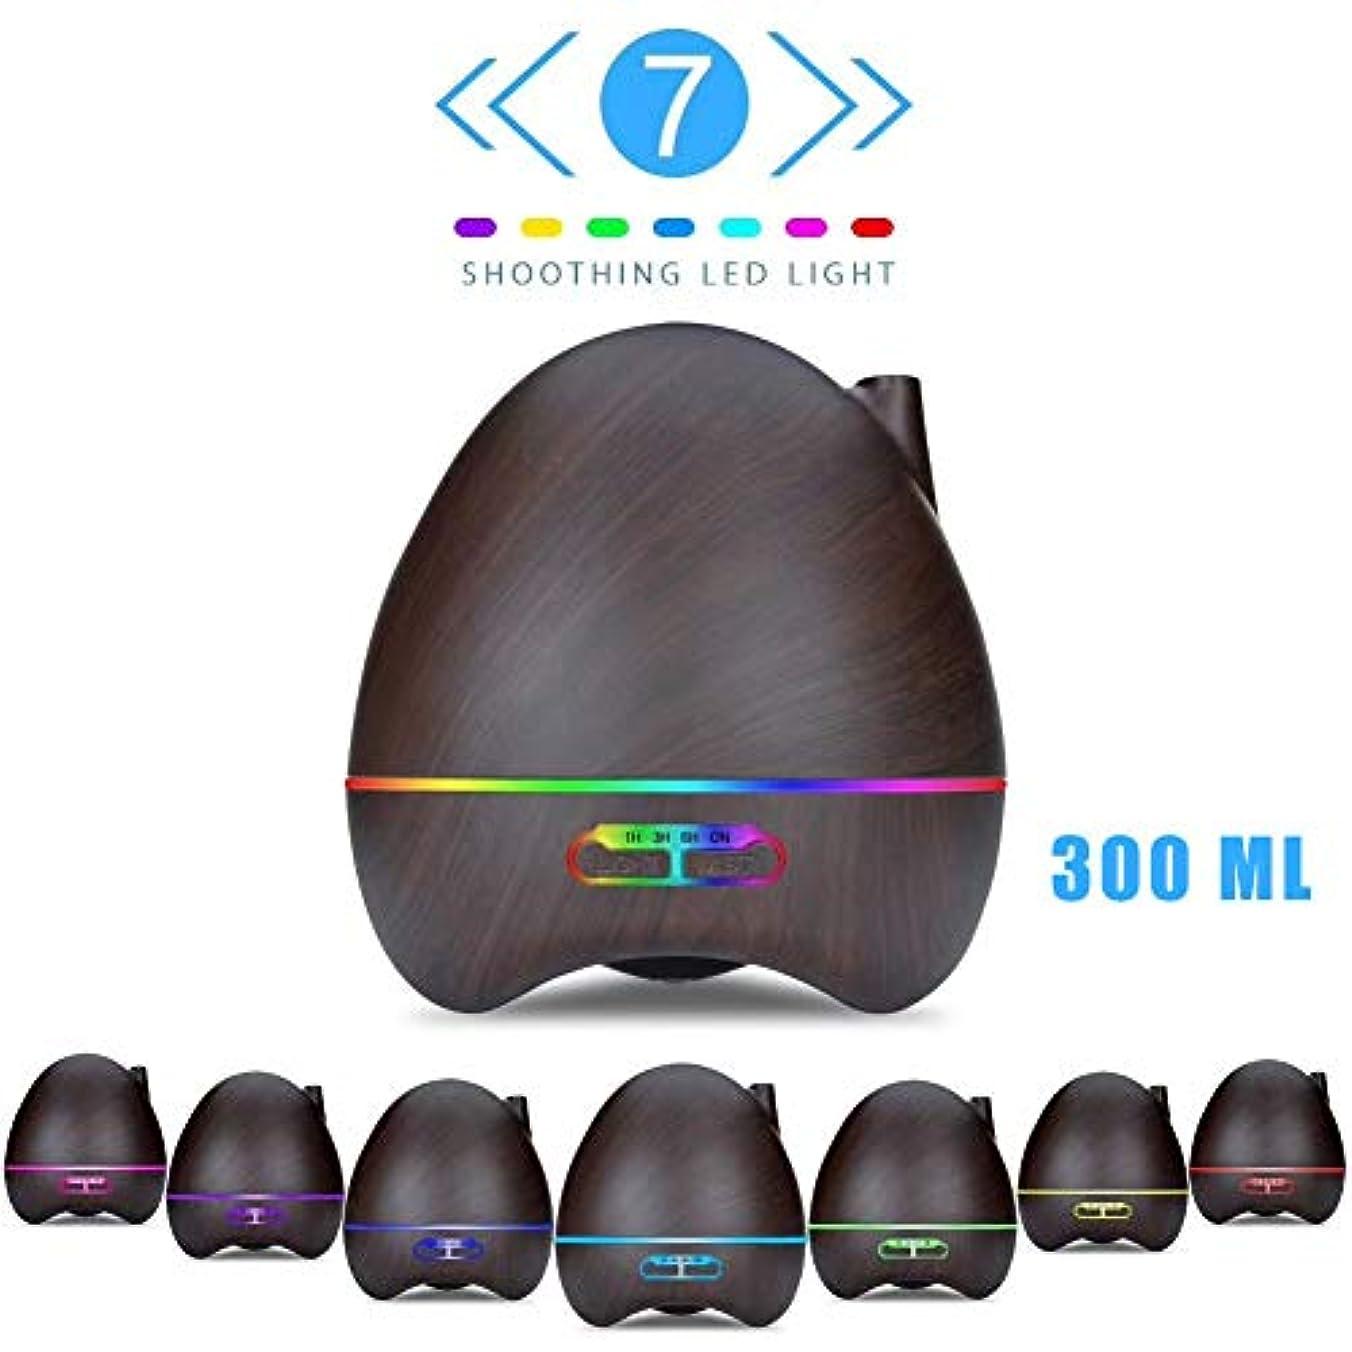 流出偽装する生命体エッセンシャルオイルディフューザー、300ml木目アロマセラピーディフューザー調節可能なミストモードのクールミストアロマ加湿器7色LEDライト